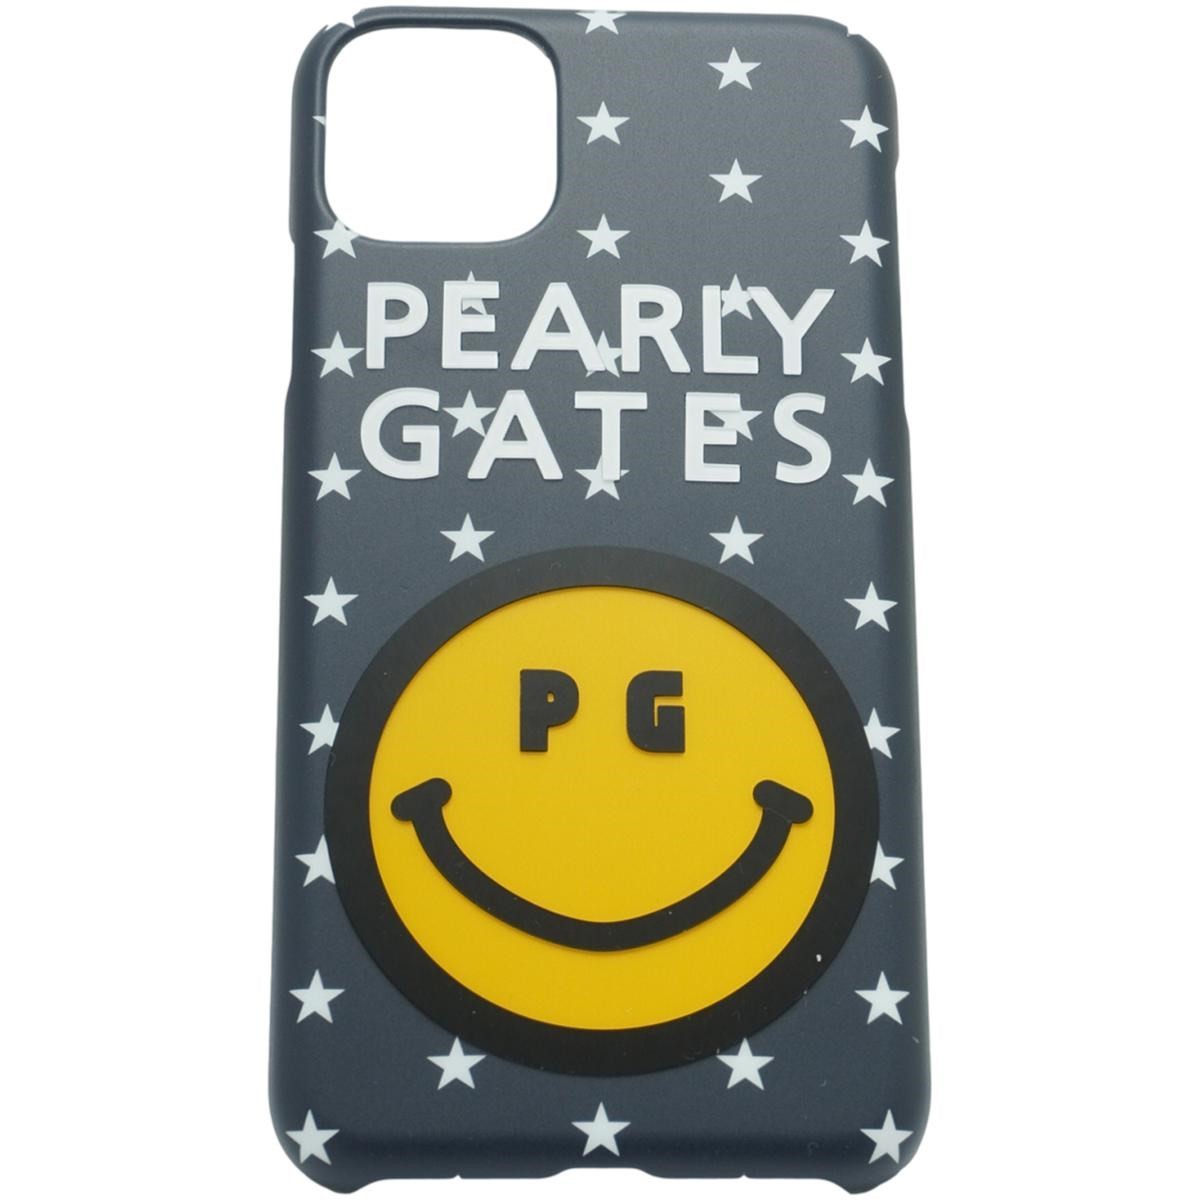 [2020年モデル] パーリーゲイツ PEARLY GATES ニコちゃん iPhone11proMax対応ケース ネイビー/星 122 ゴルフ